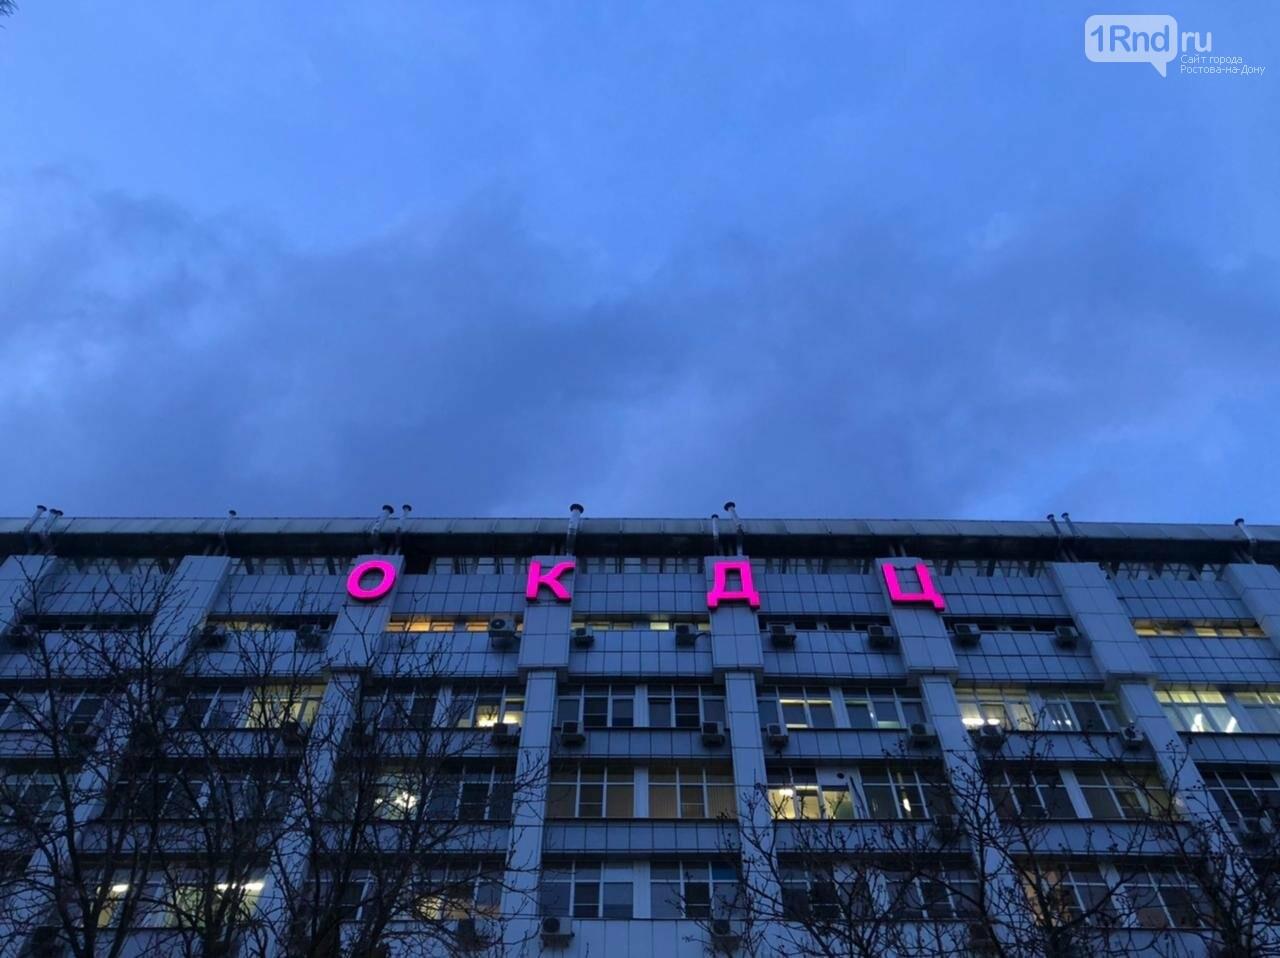 ОКДЦ в Ростове, фото 1rnd.ru